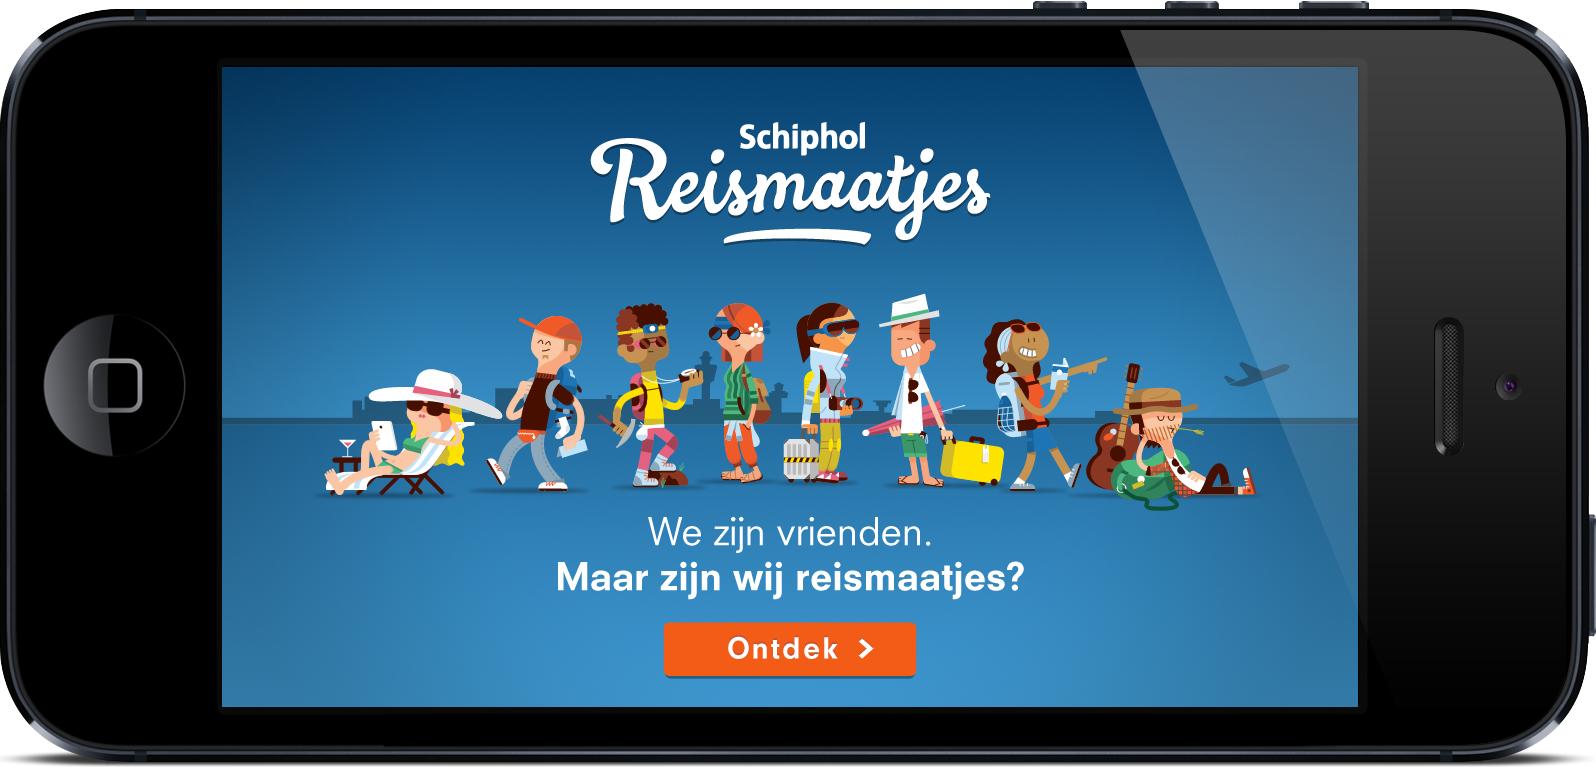 schiphol_reismaatjes-fb_app-iphone-welkom